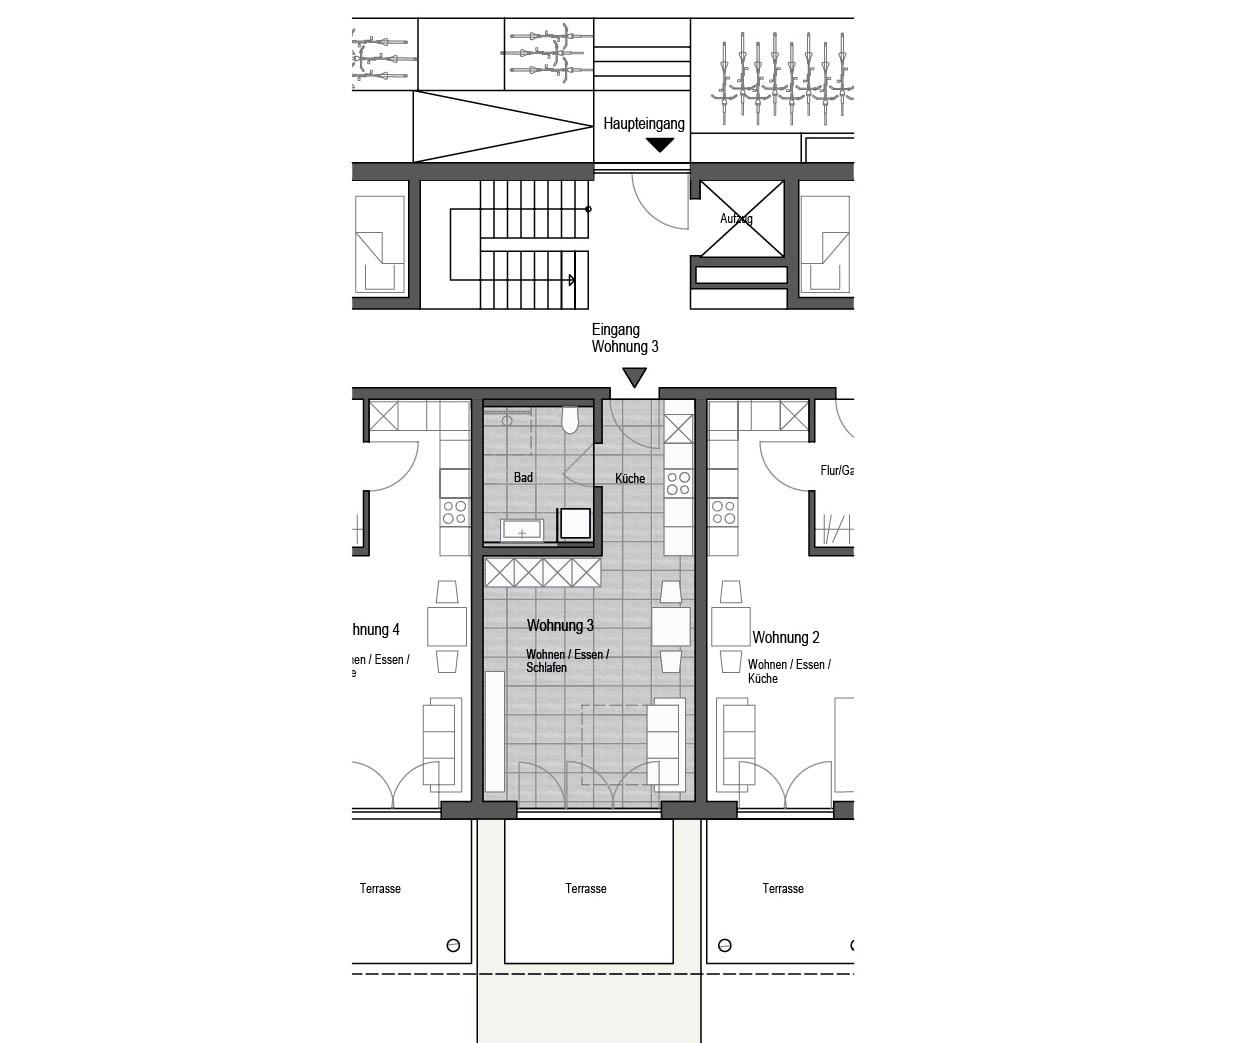 wohnung nr 3 1 zimmer wohnung mit terrasse und garten. Black Bedroom Furniture Sets. Home Design Ideas